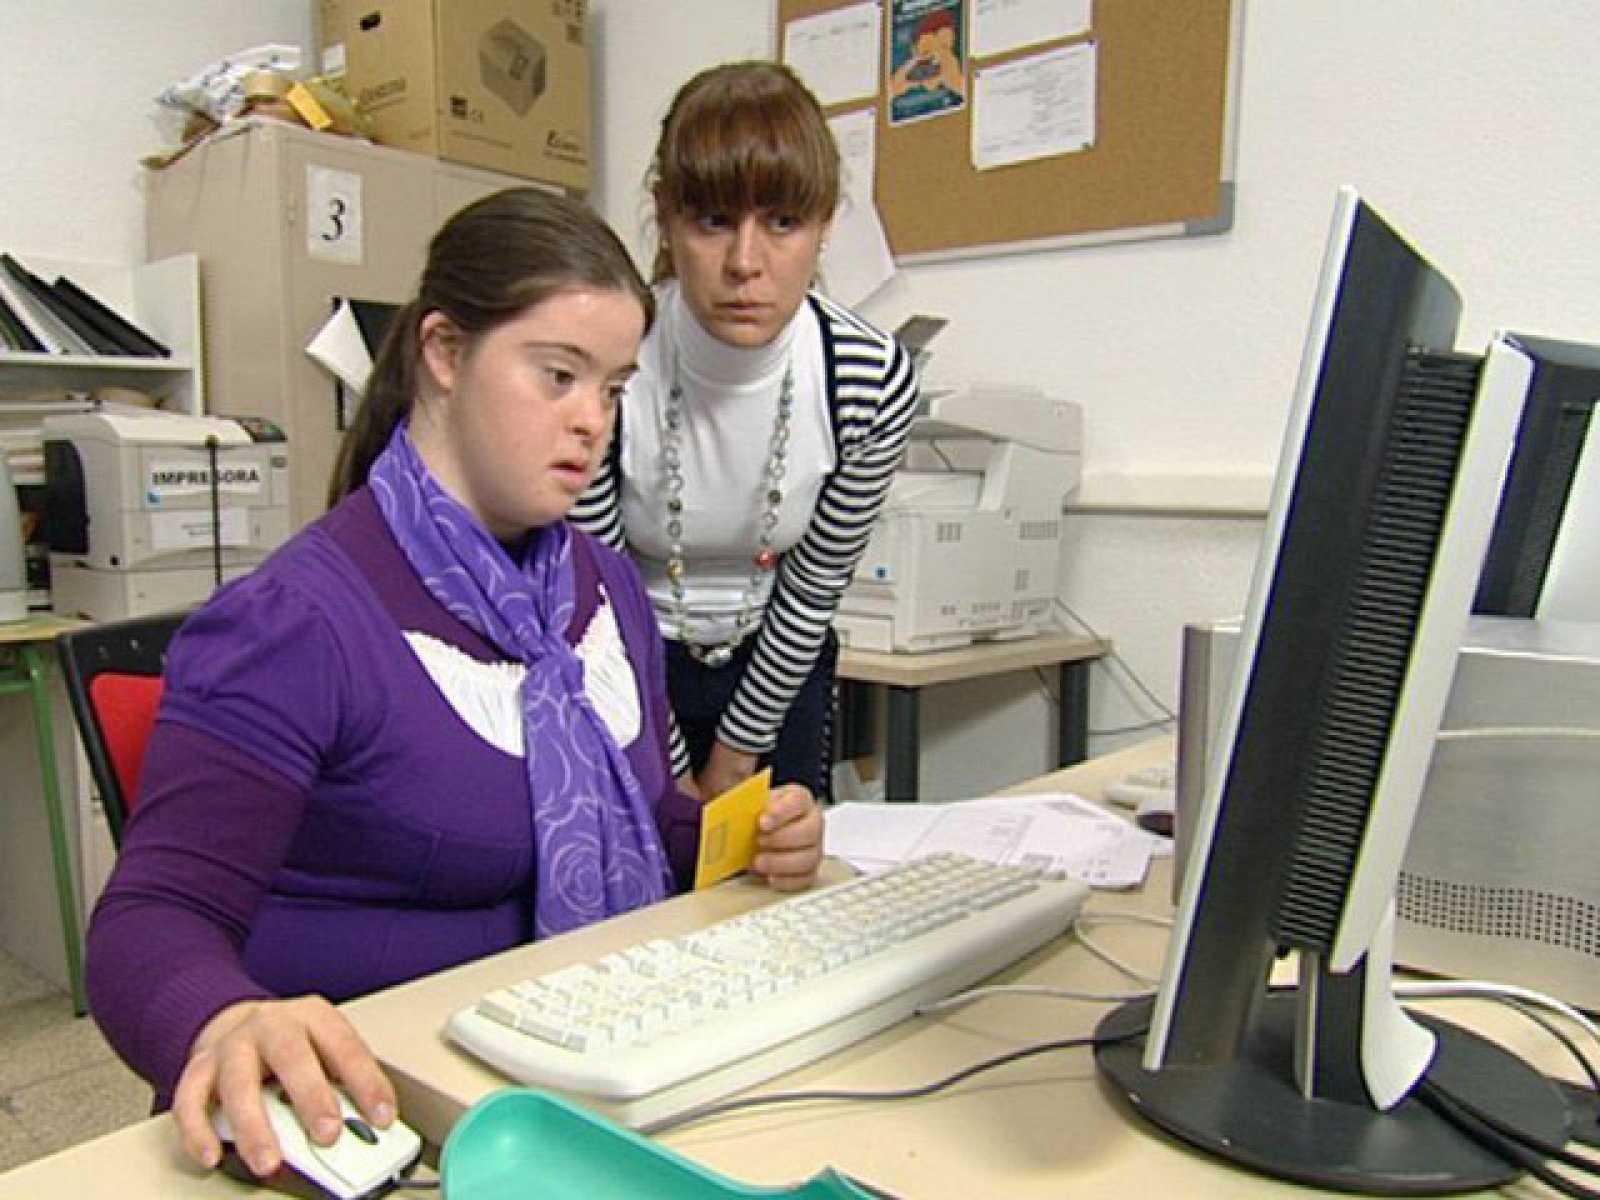 El mundo se mueve contigo / Tecnosoluciones: formación de los discapacitados intelectuales